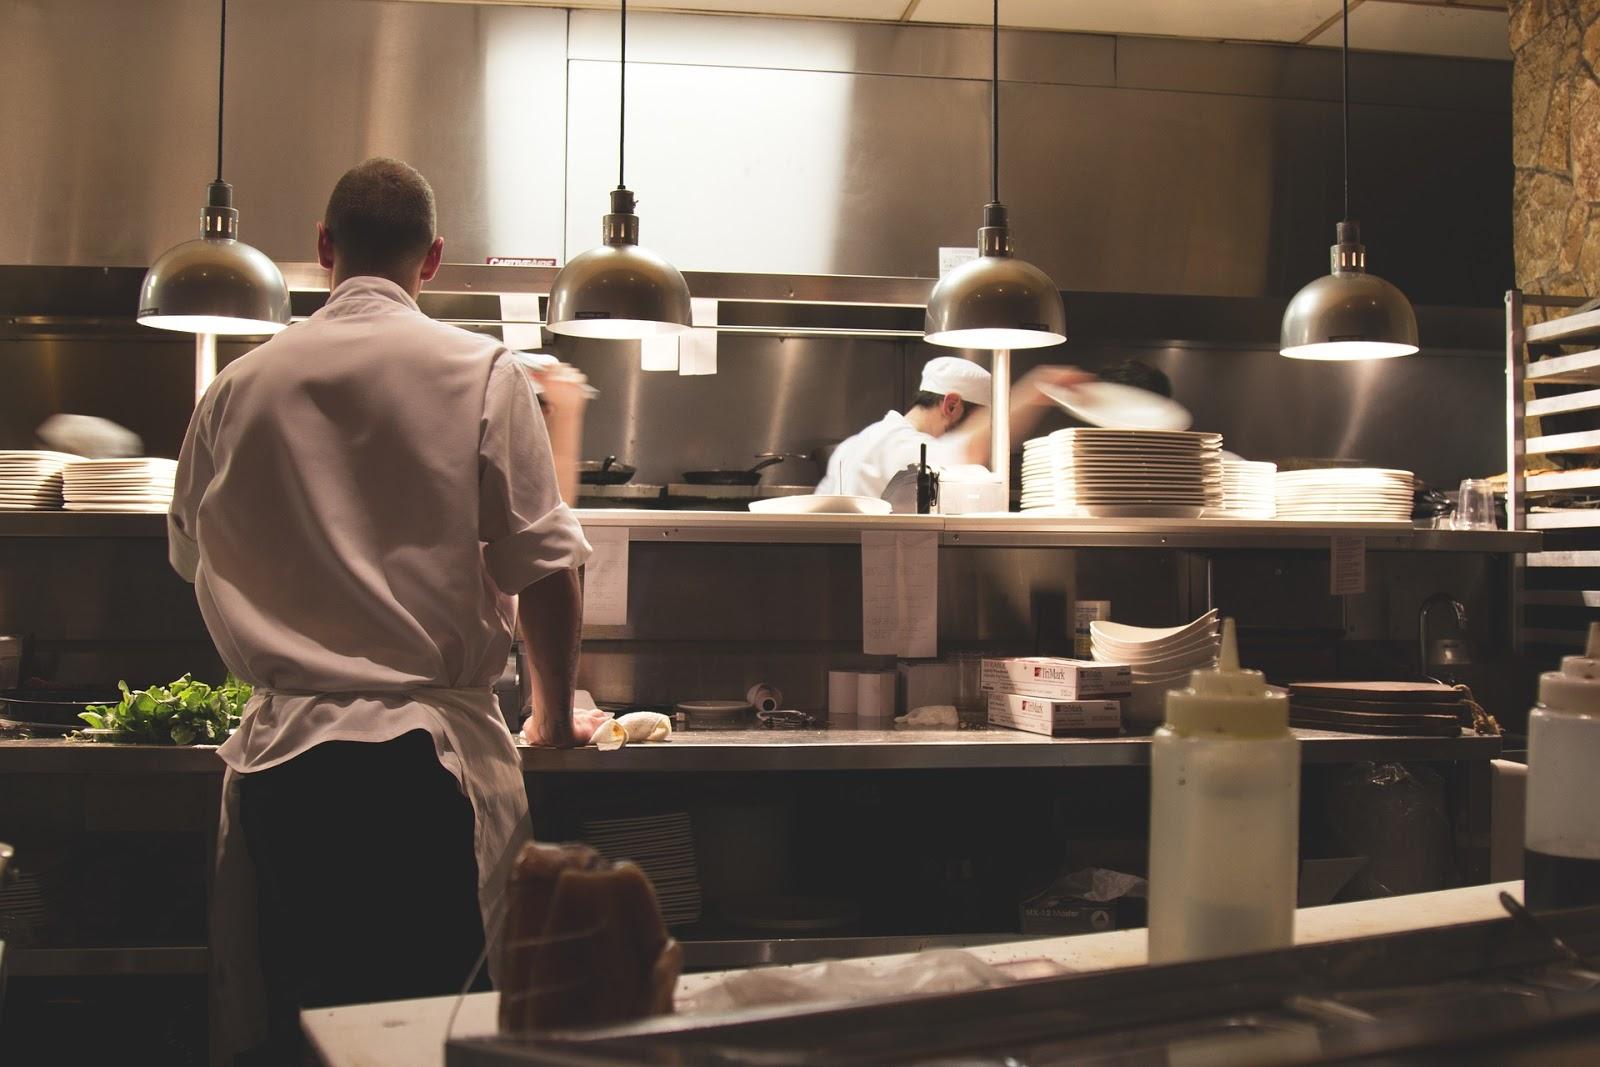 kuchnia, restauracja, zmywarka gastronomiczna,